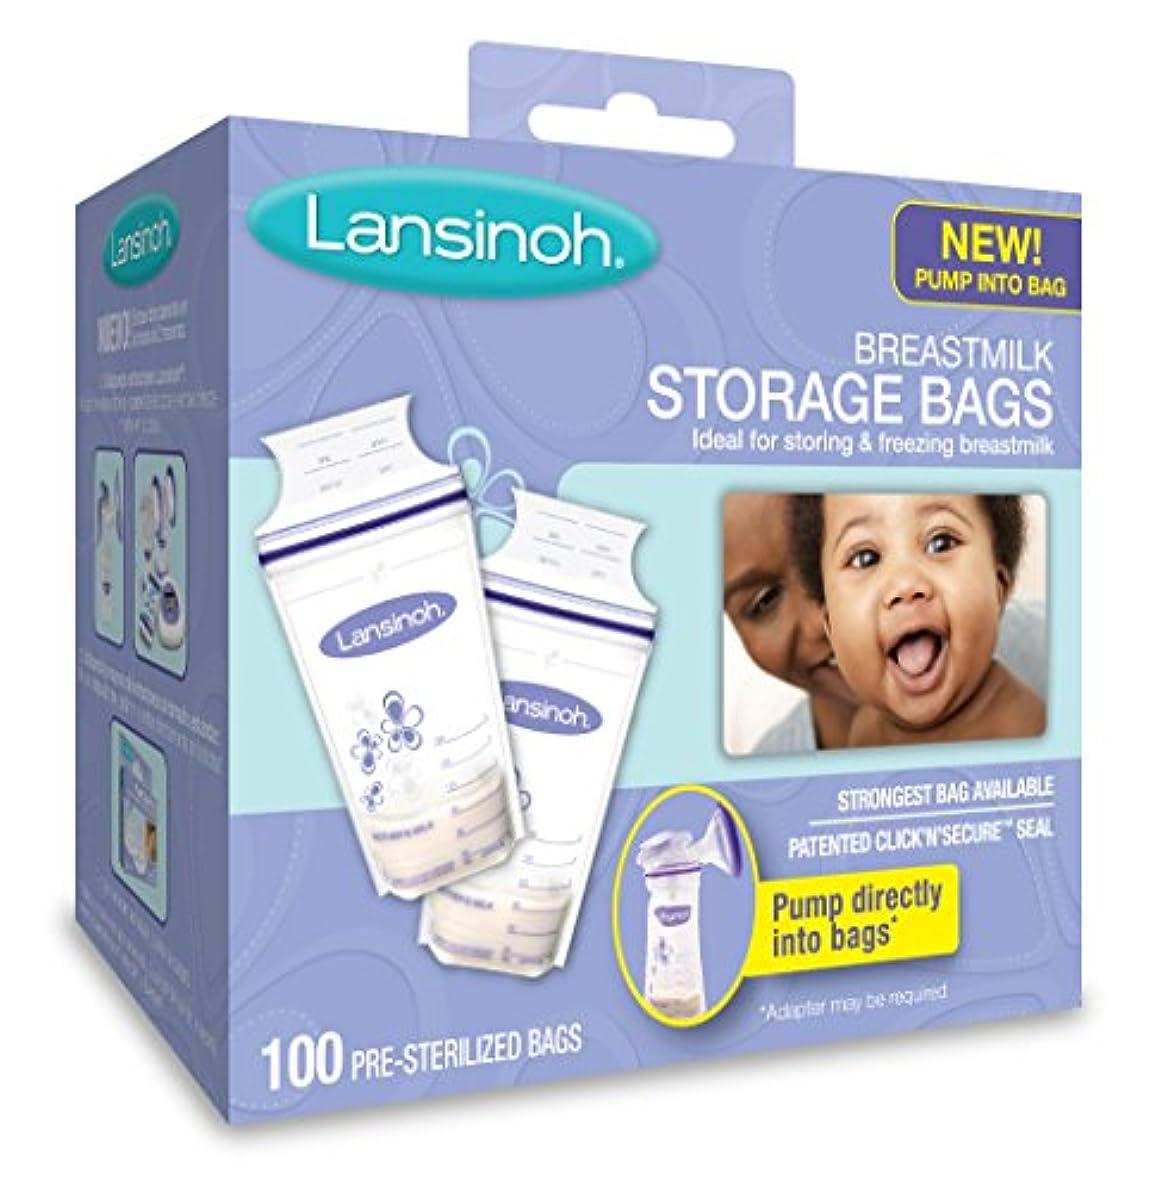 Lansinoh Breastmilk ストレージバッグ 100枚 BPAフリー BPSフリー